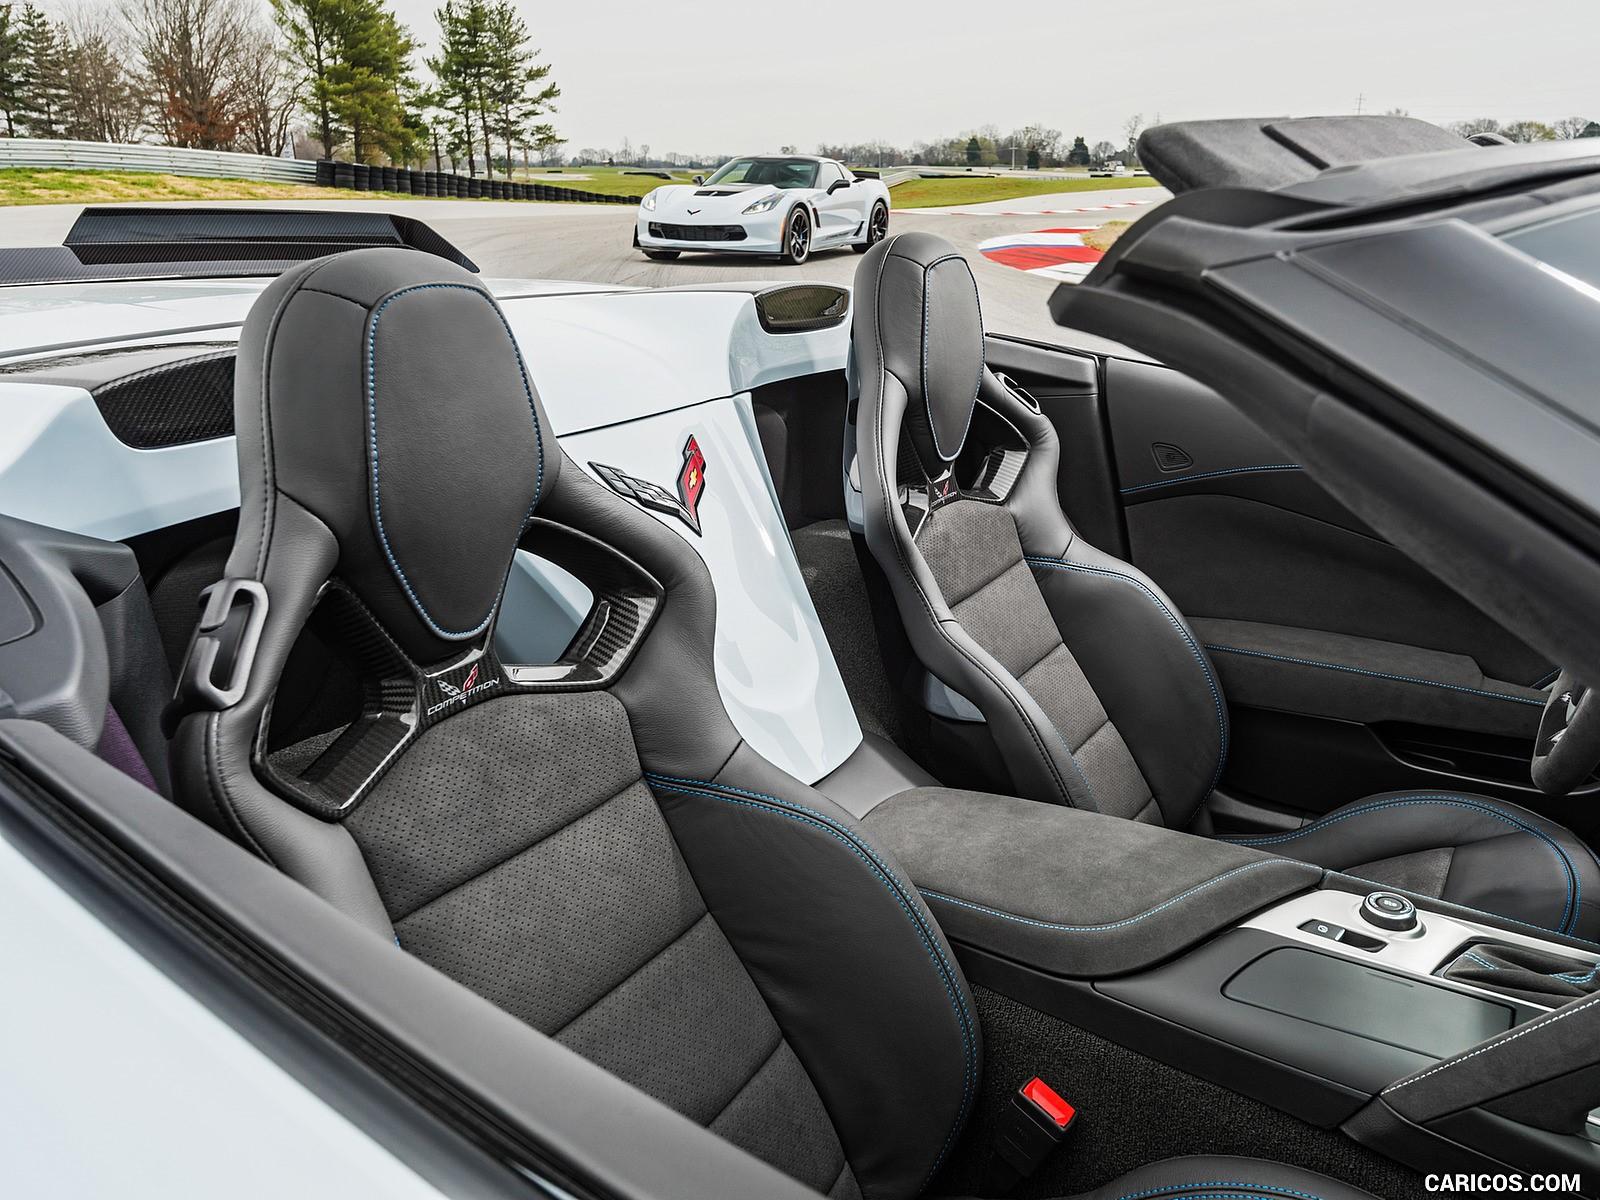 2018 Chevrolet Corvette Carbon 65 Edition wallpapers